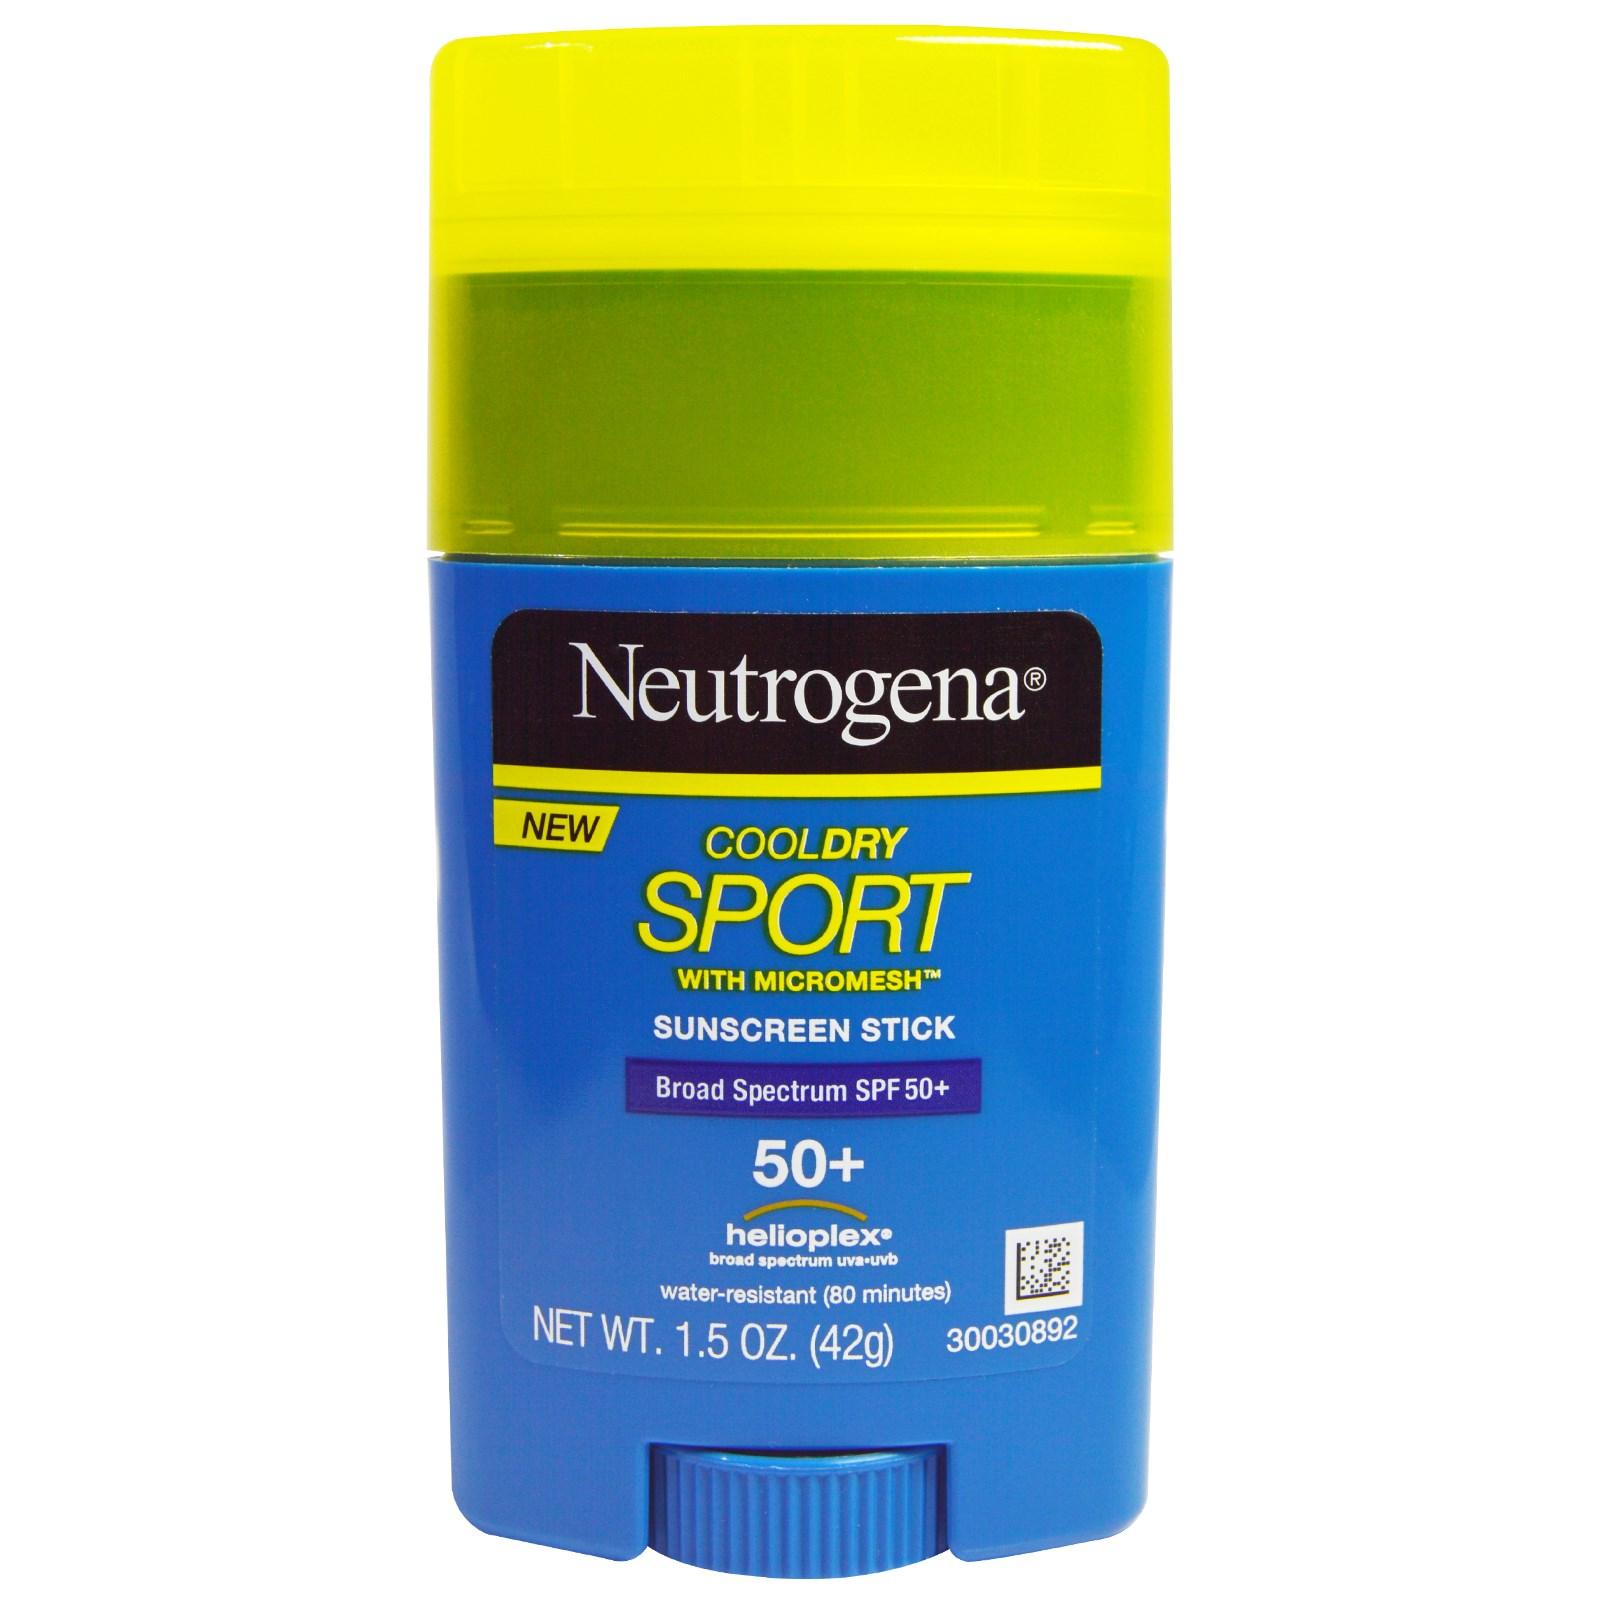 Neutrogena, Карандаш-солнцезащитный крем «Кул Драй Спорт» с микросеткой, фактор защиты от солнца SPF 50+, 1,5 жидк. унц. (42 мл)